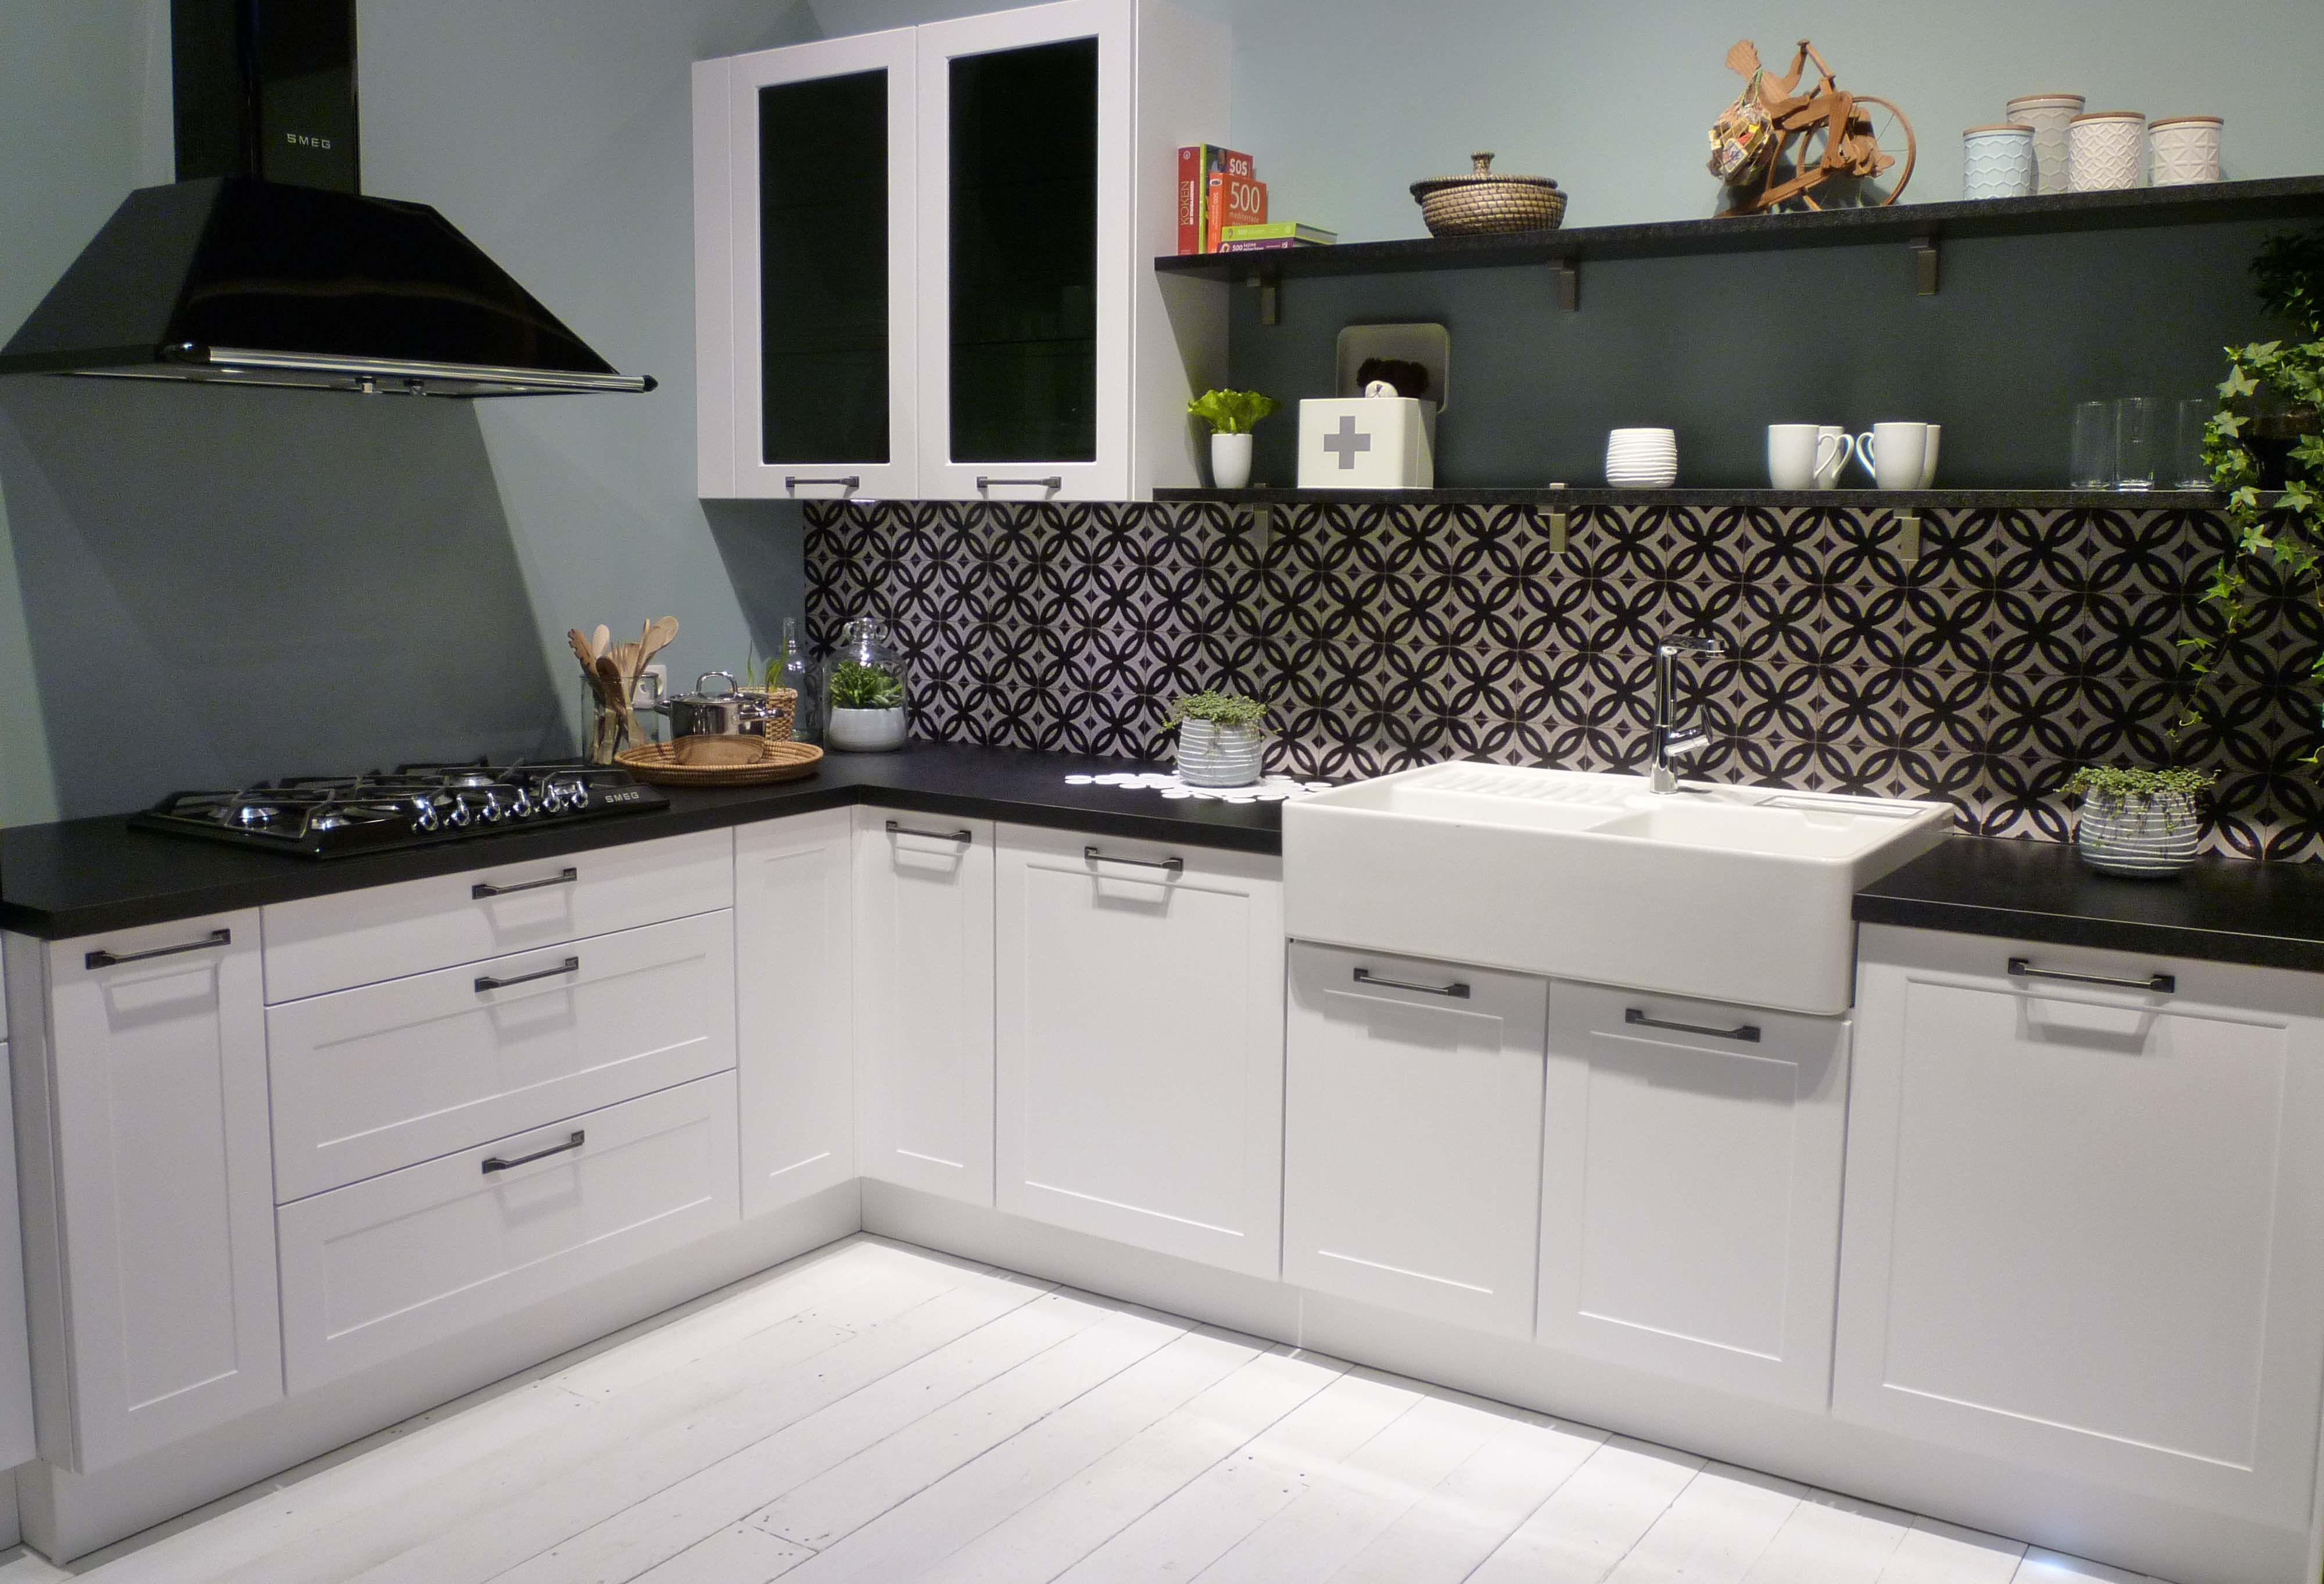 Geef je zwart witte keuken een eigen touch met bijzondere tegeltjes